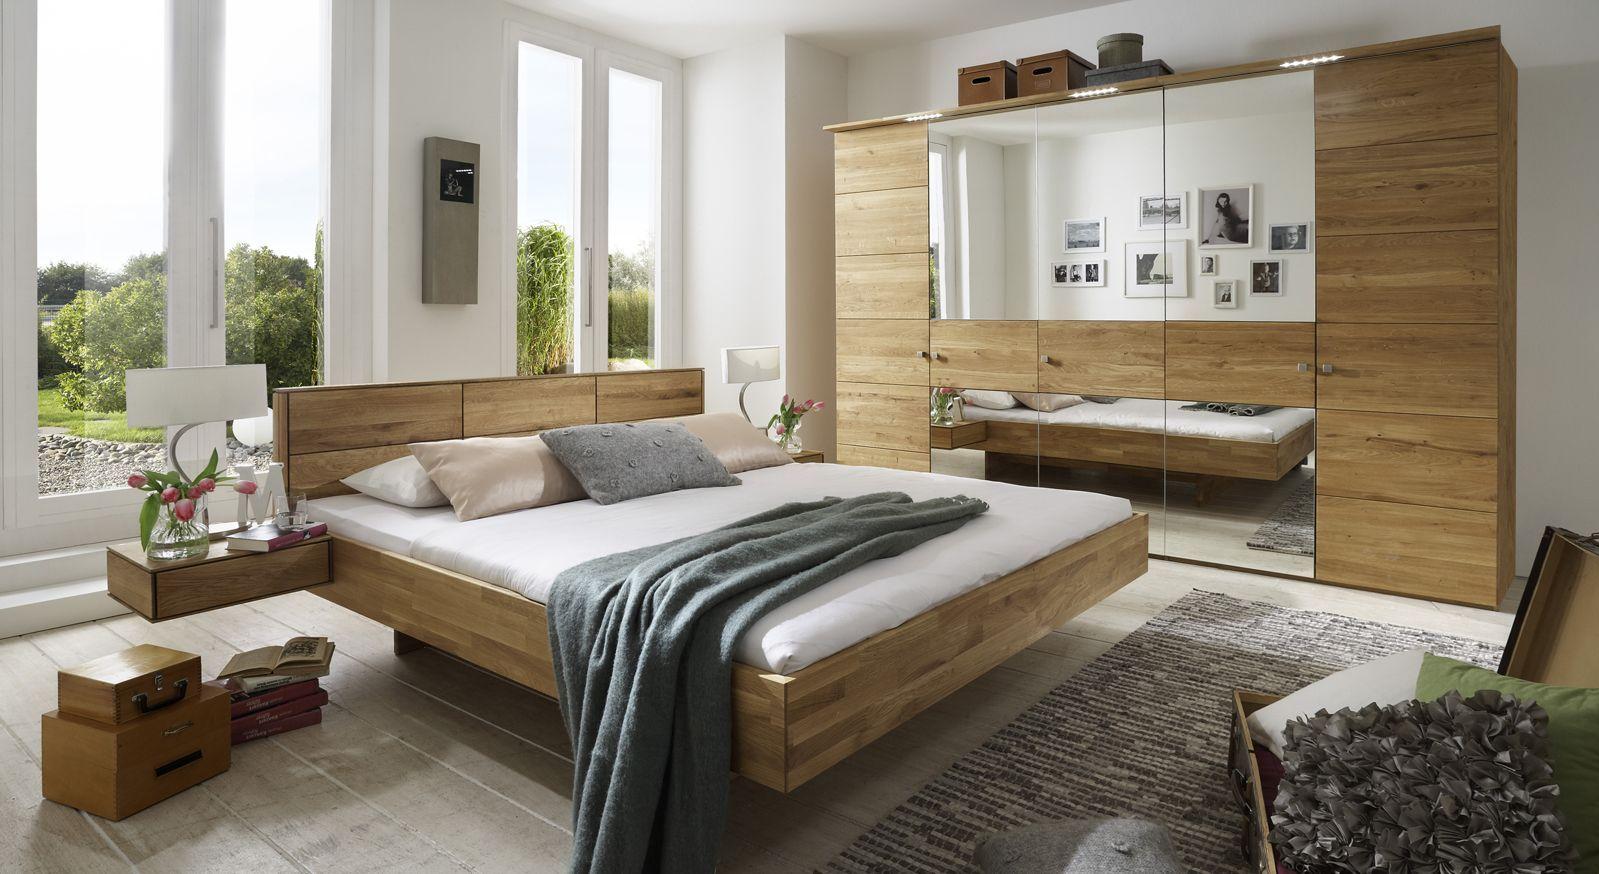 Komplett-Schlafzimmer aus massiver Wildeiche - Terrano